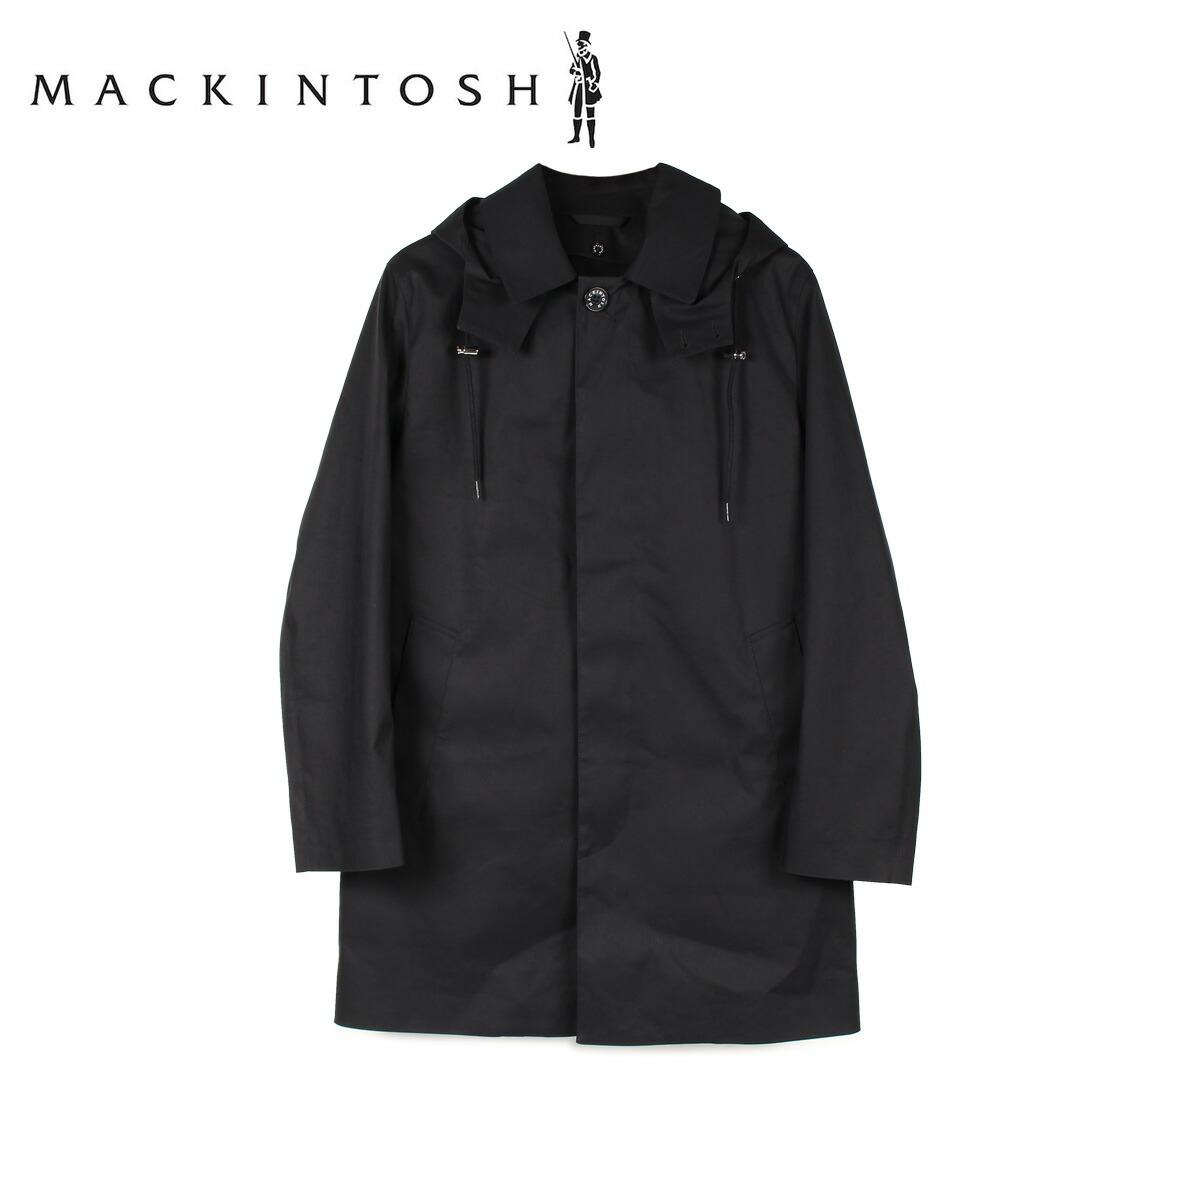 Mackintosh DUNOON HOOD マッキントッシュ ダヌーン フード コート ダウンコート メンズ ブラック 黒 GM-1004FD